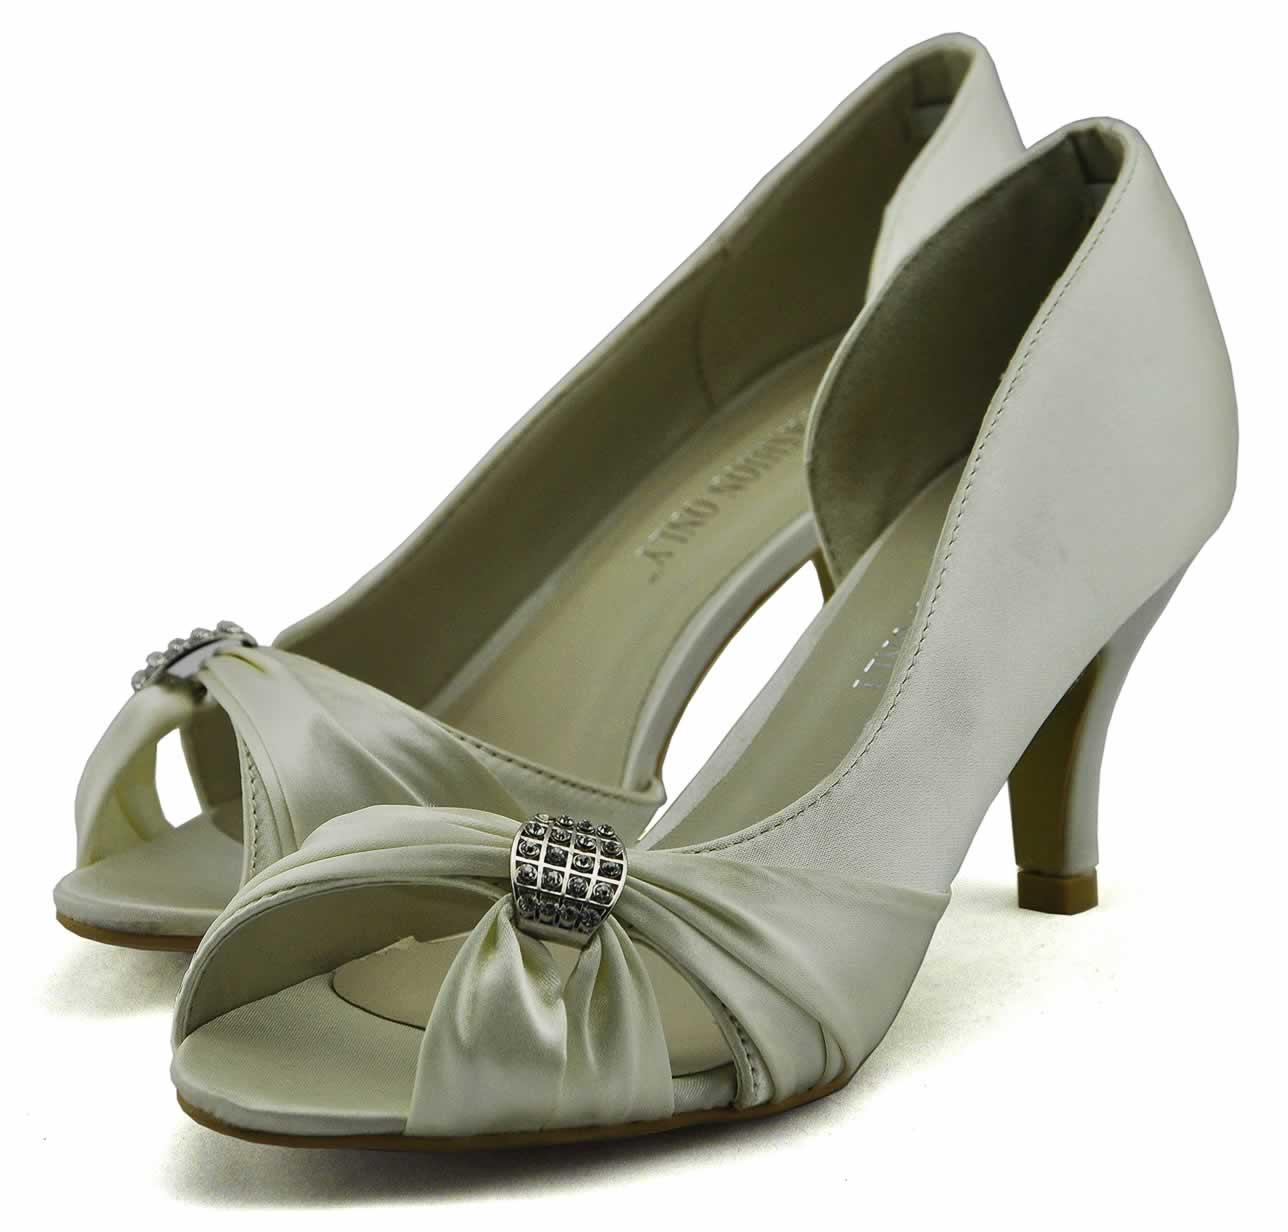 LS fashion LS dámské elegantní saténové lodičky 0133 slonová kost ... 46bc4a3b0e